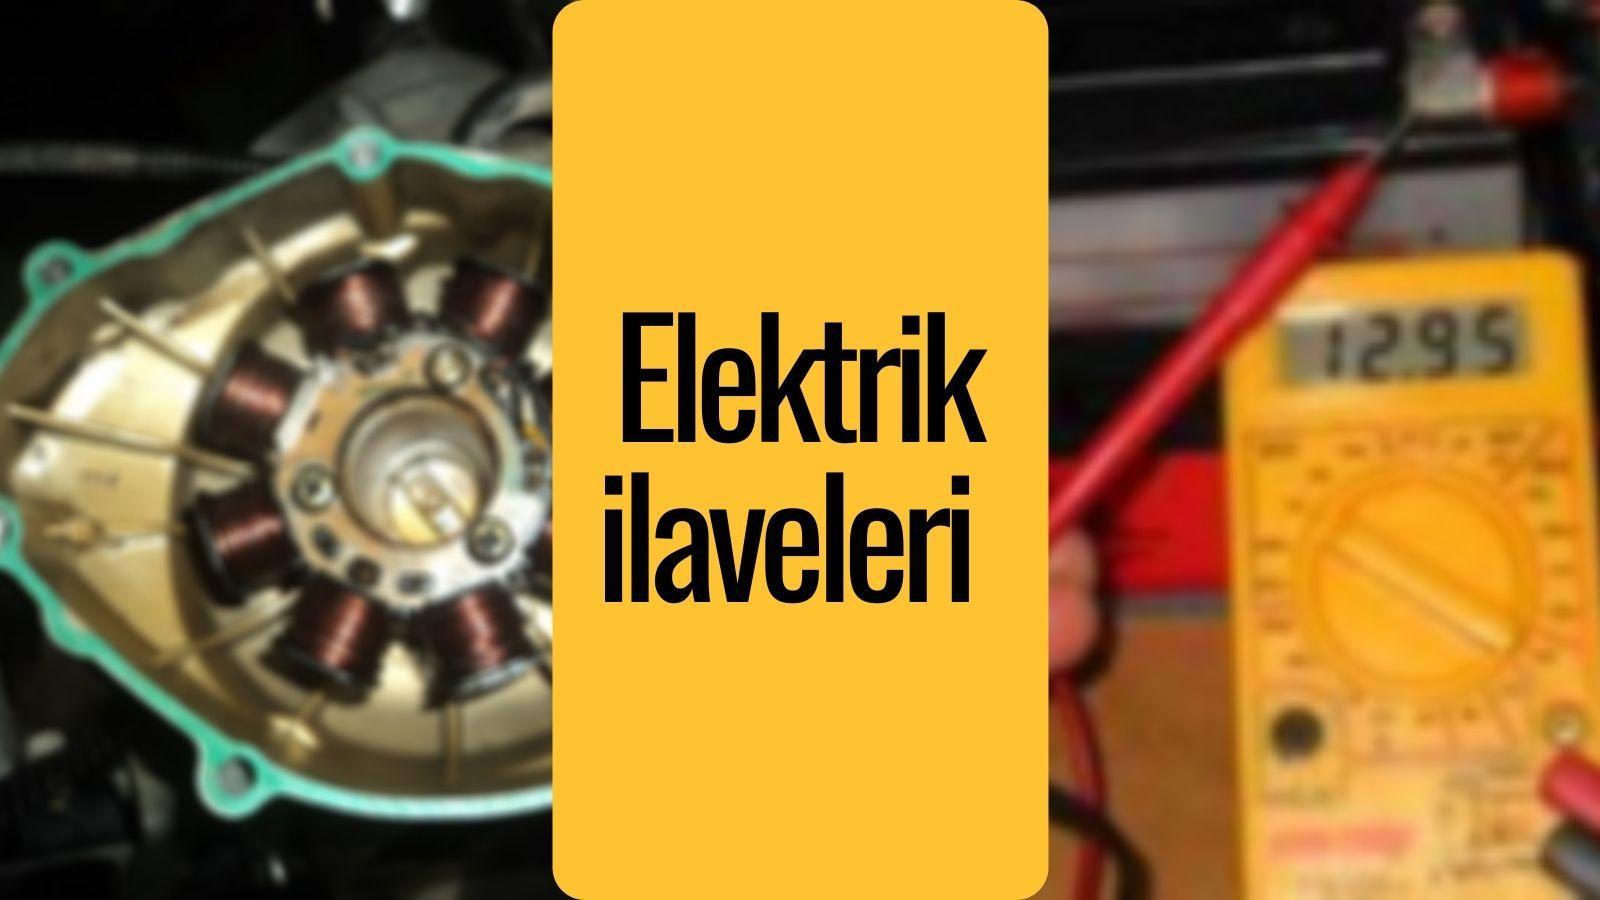 Elektrik ilavelerikapak görseli